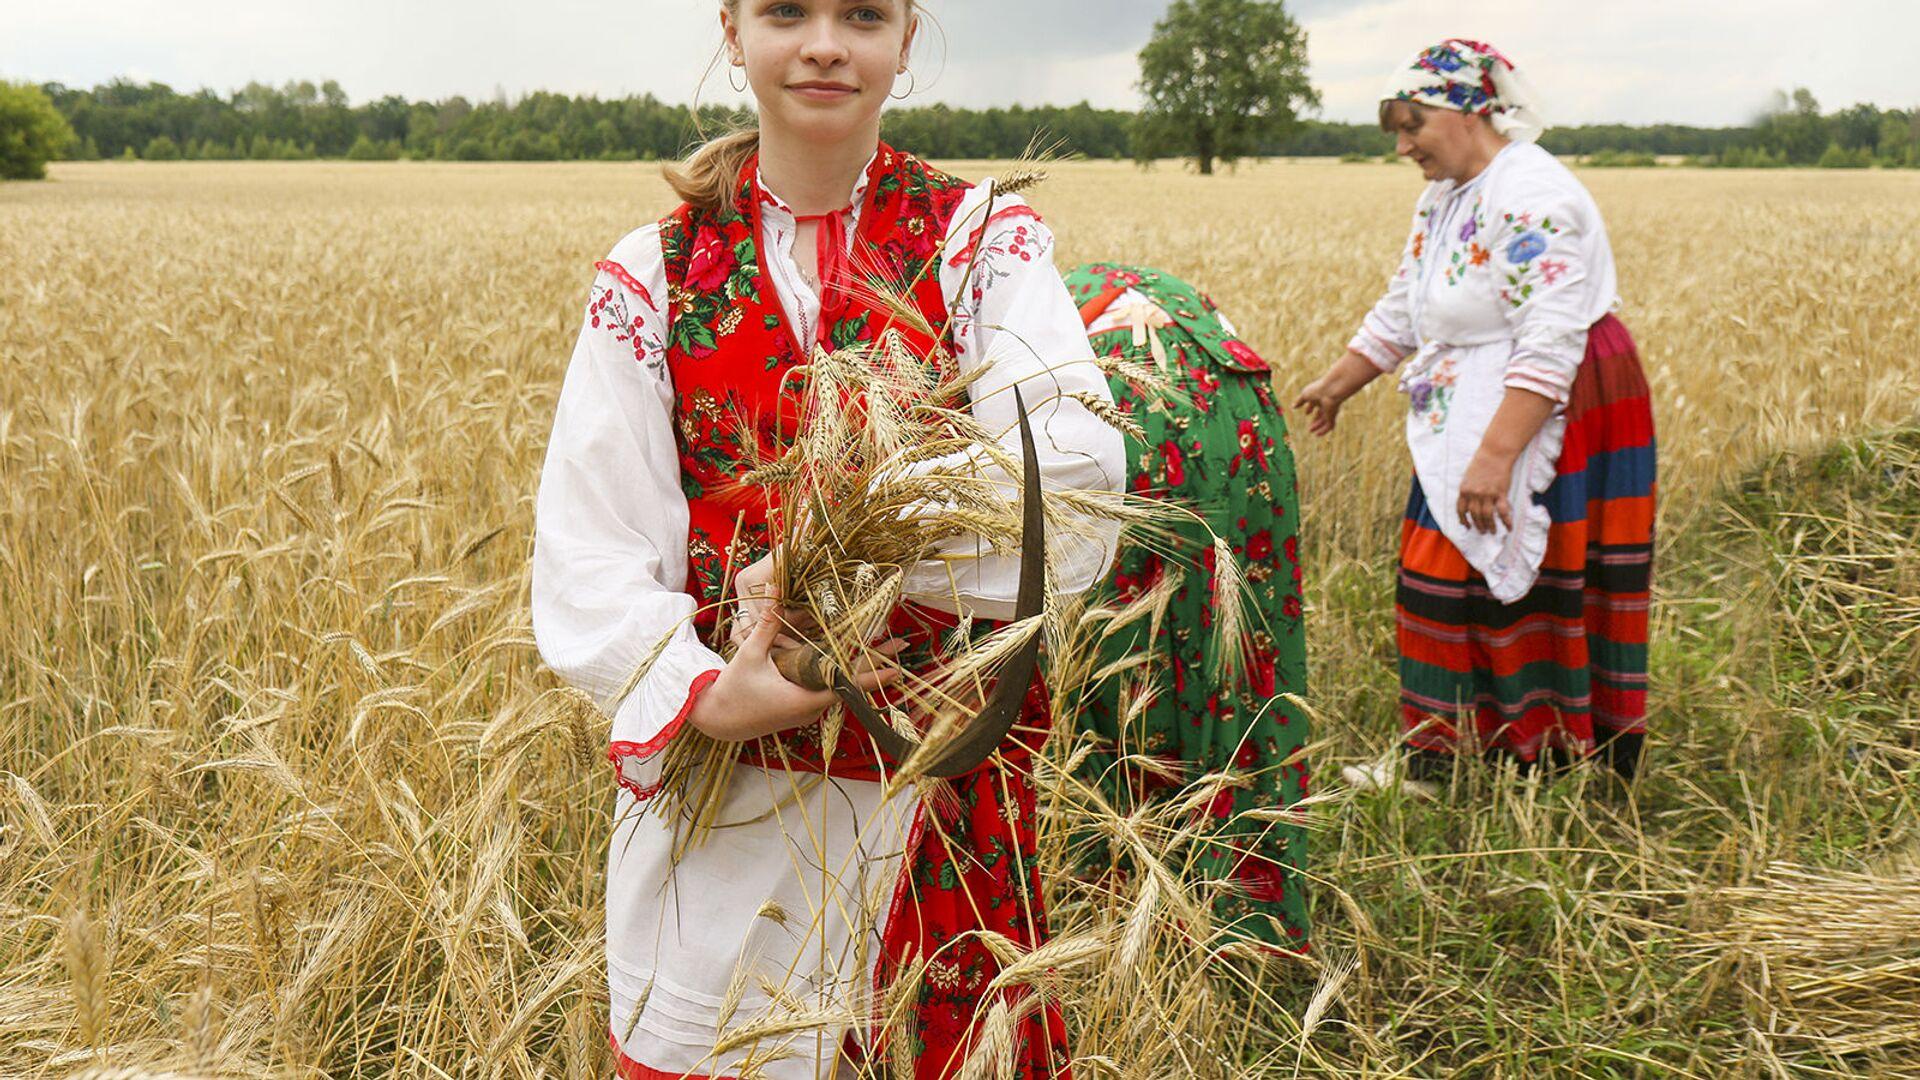 Які сёння дзень: 30 ліпеня 2021 года - Sputnik Беларусь, 1920, 30.07.2021